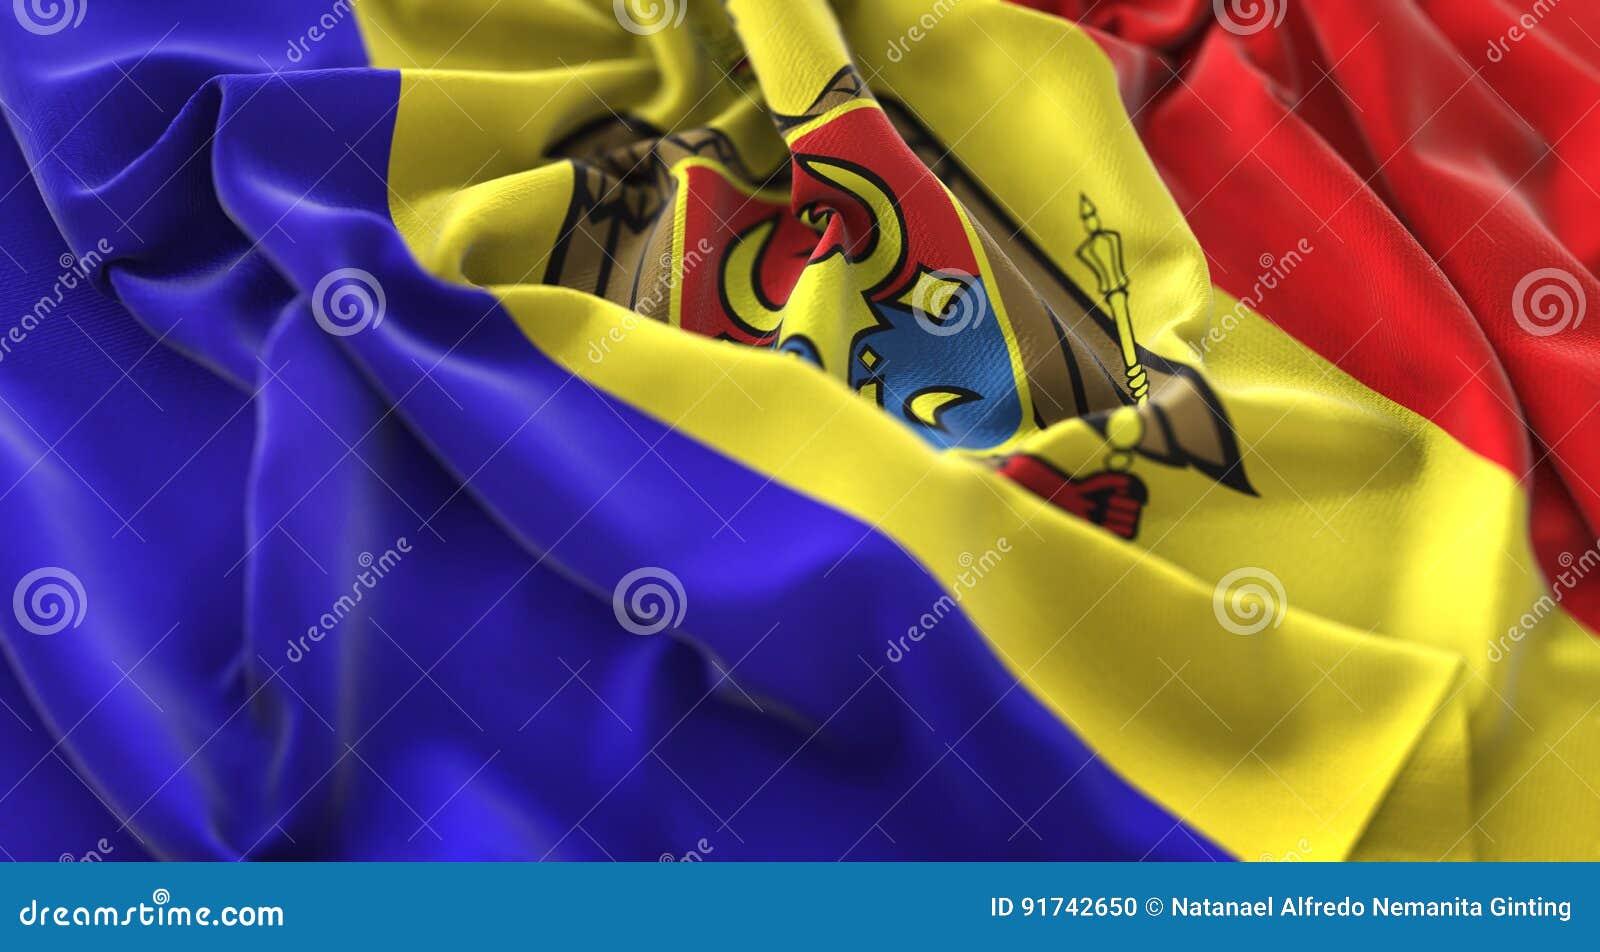 529d86cc51 Η σημαία της Μολδαβίας αναστάτωσε το υπέροχα κυματίζοντας μακρο  πυροβοληθε ν κινηματογράφηση σε πρώτο πλάνο στούντιο